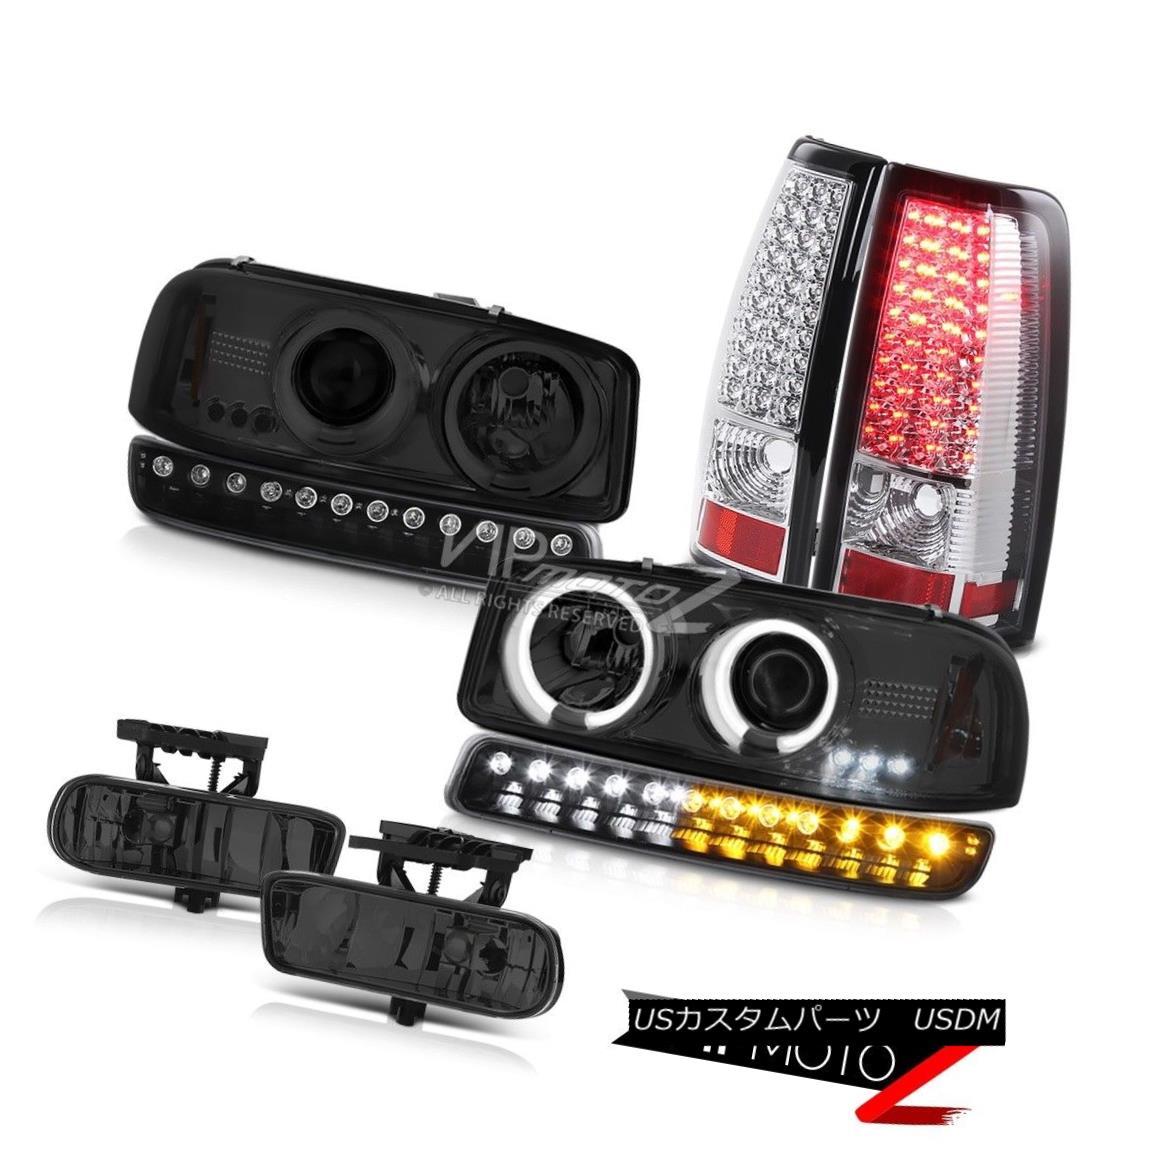 ヘッドライト 99 00 01 02 Sierra SL Fog lamps rear led brake parking lamp ccfl Headlights LED 99 00 01 02 Sierra SLフォグランプリア・ブレーキ・パーキング・ランプccflヘッドライトLED